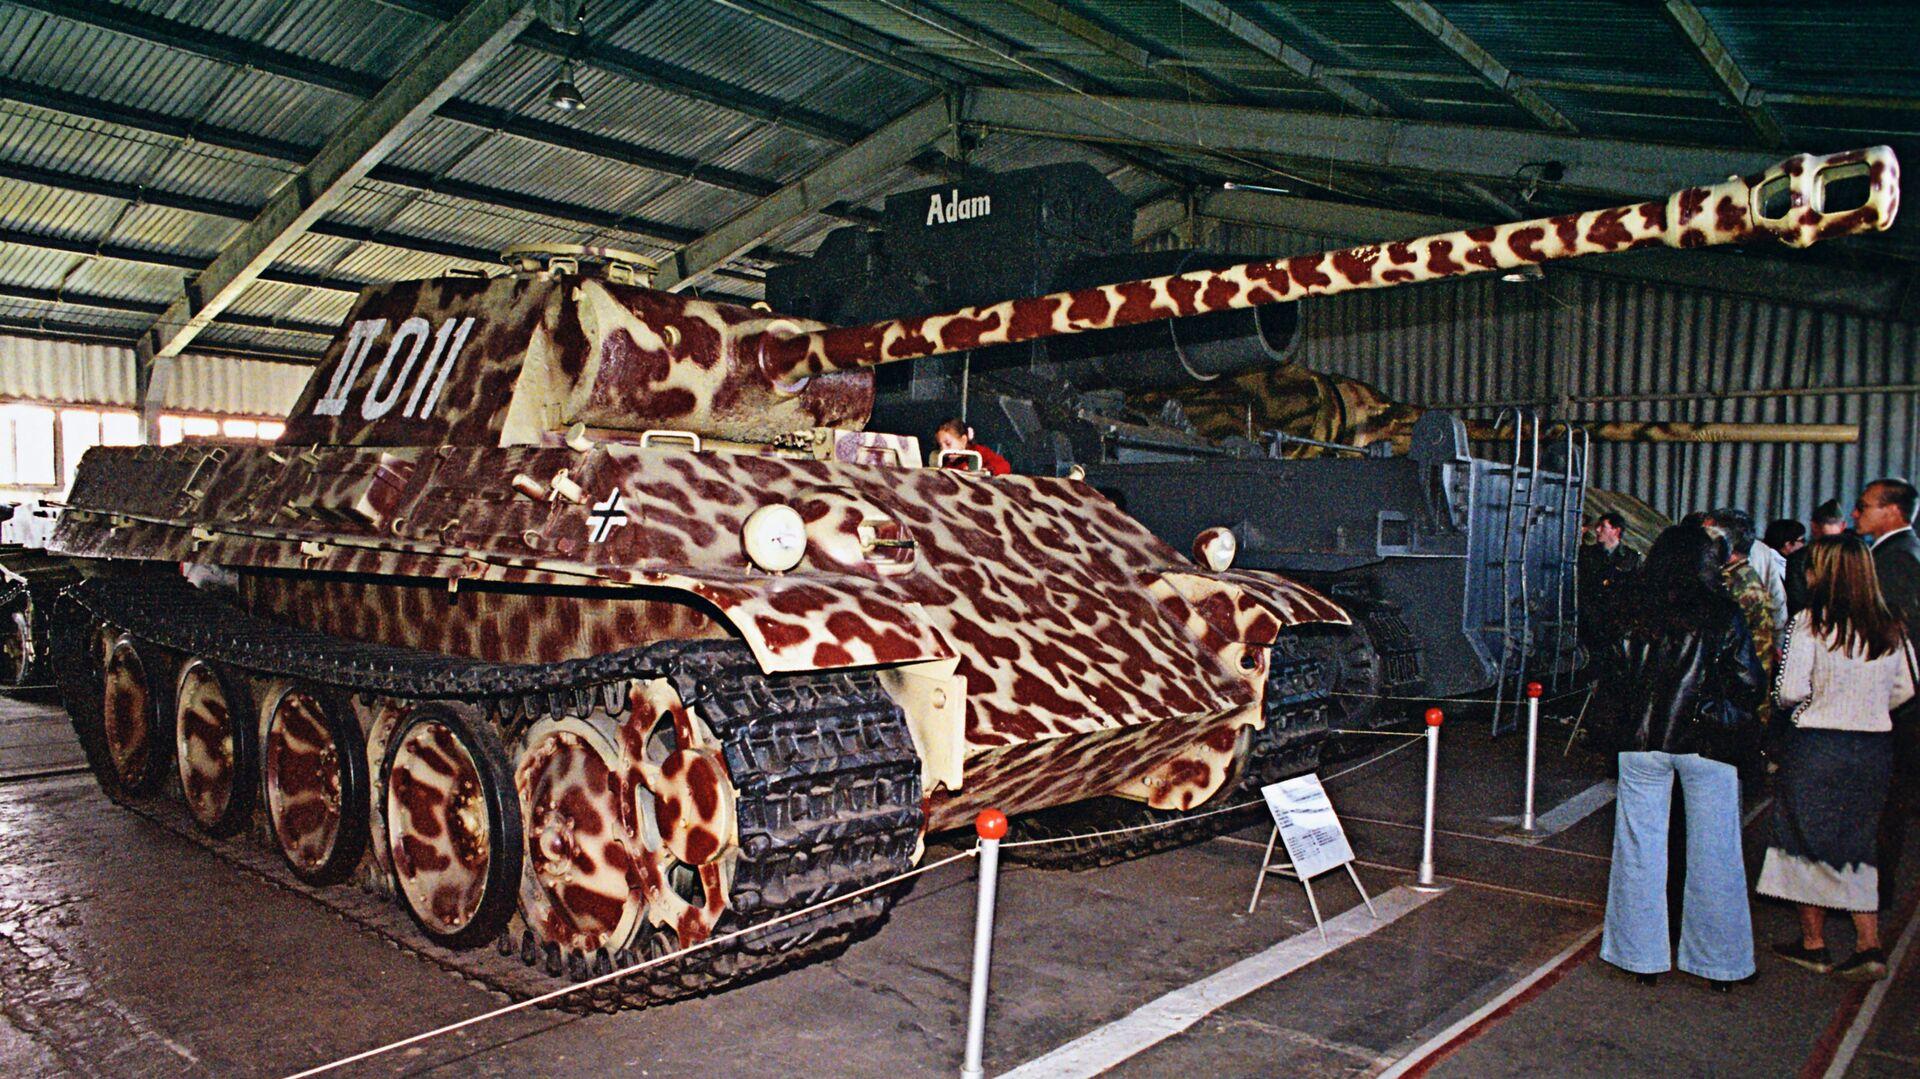 Немецкий танк Т-VG Пантера в музее вооружения Кубинке - РИА Новости, 1920, 03.08.2021